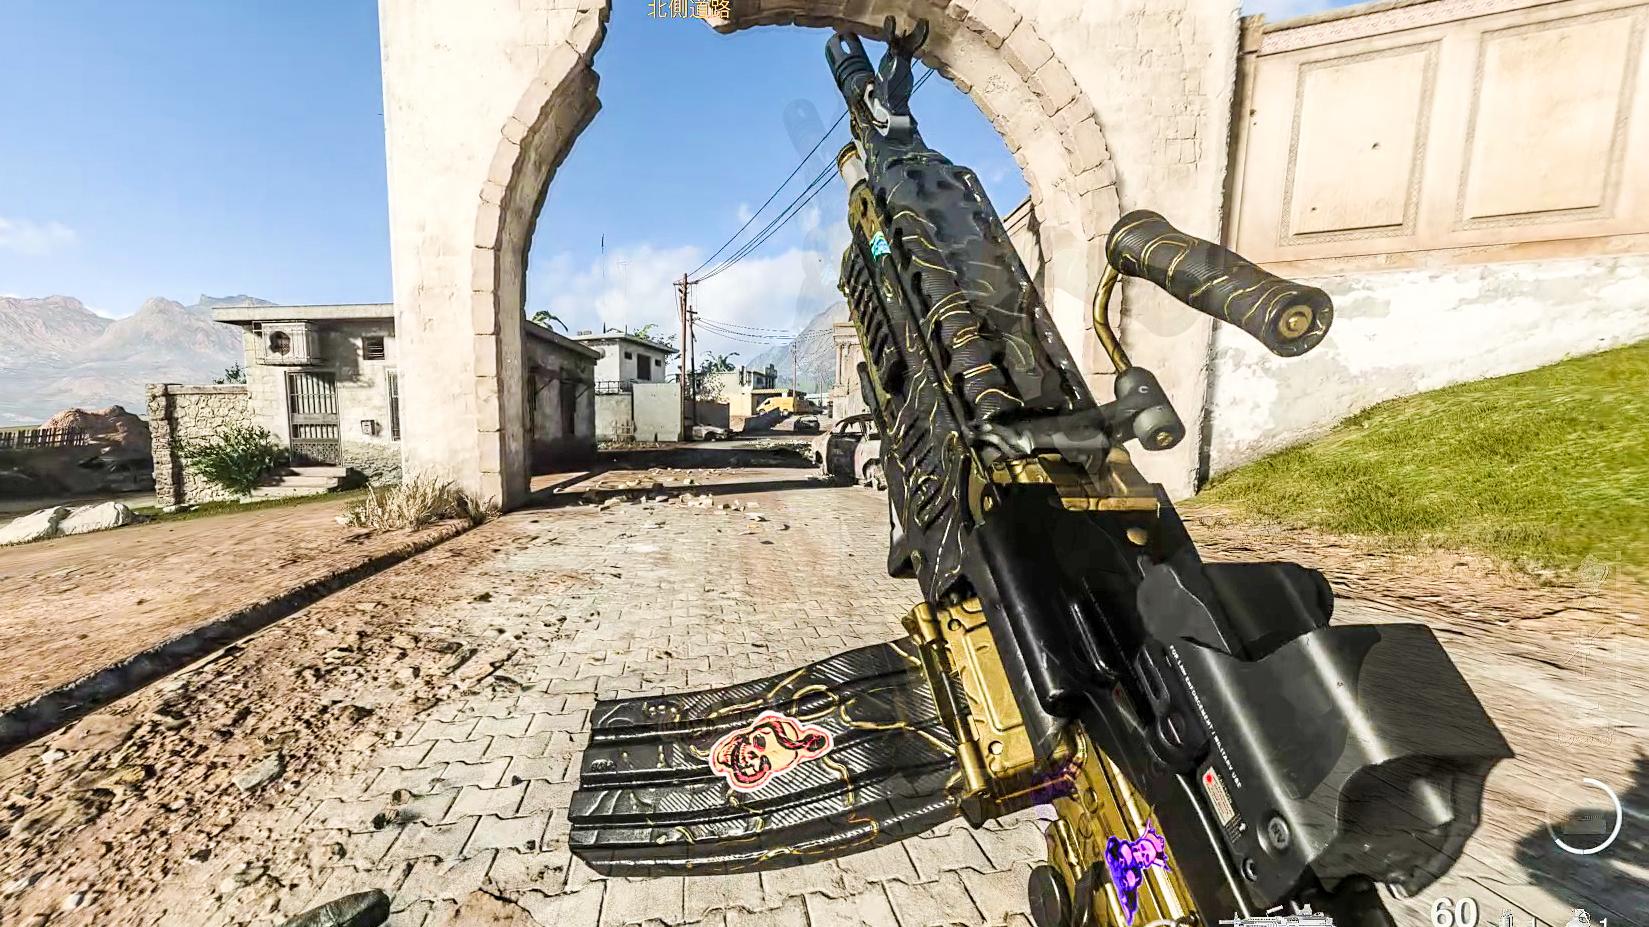 使命召唤16 当你拥有200发子弹M249,手撕坦克不是问题